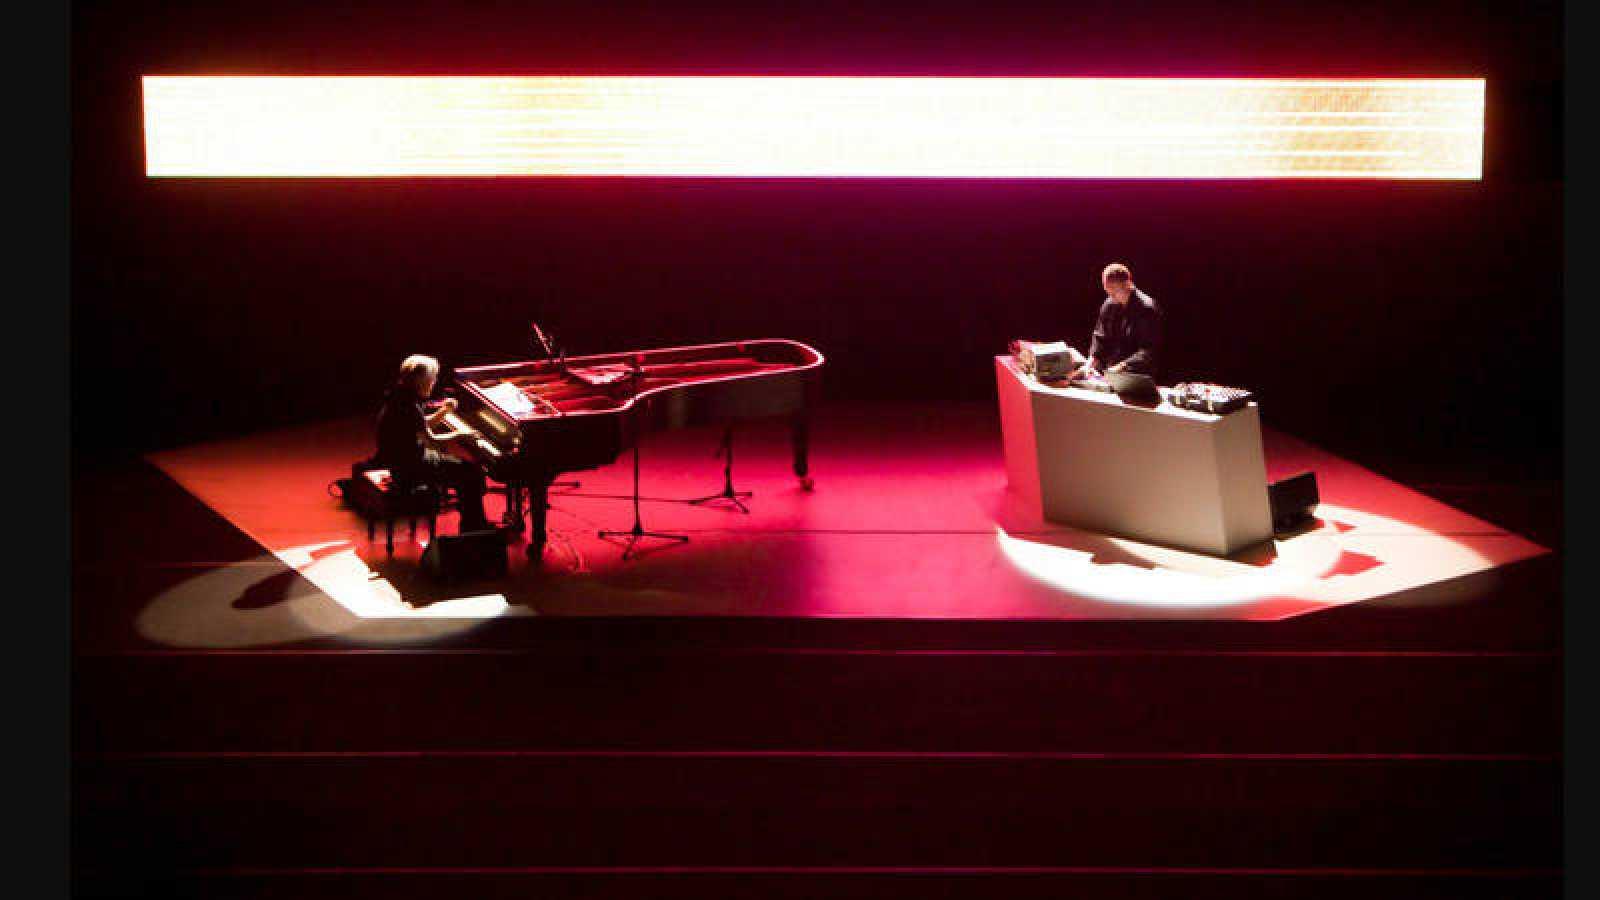 El de Sónar será uno de los tres únicos conciertos mundiales de Alva Noto & Ryuichi Sakamoto